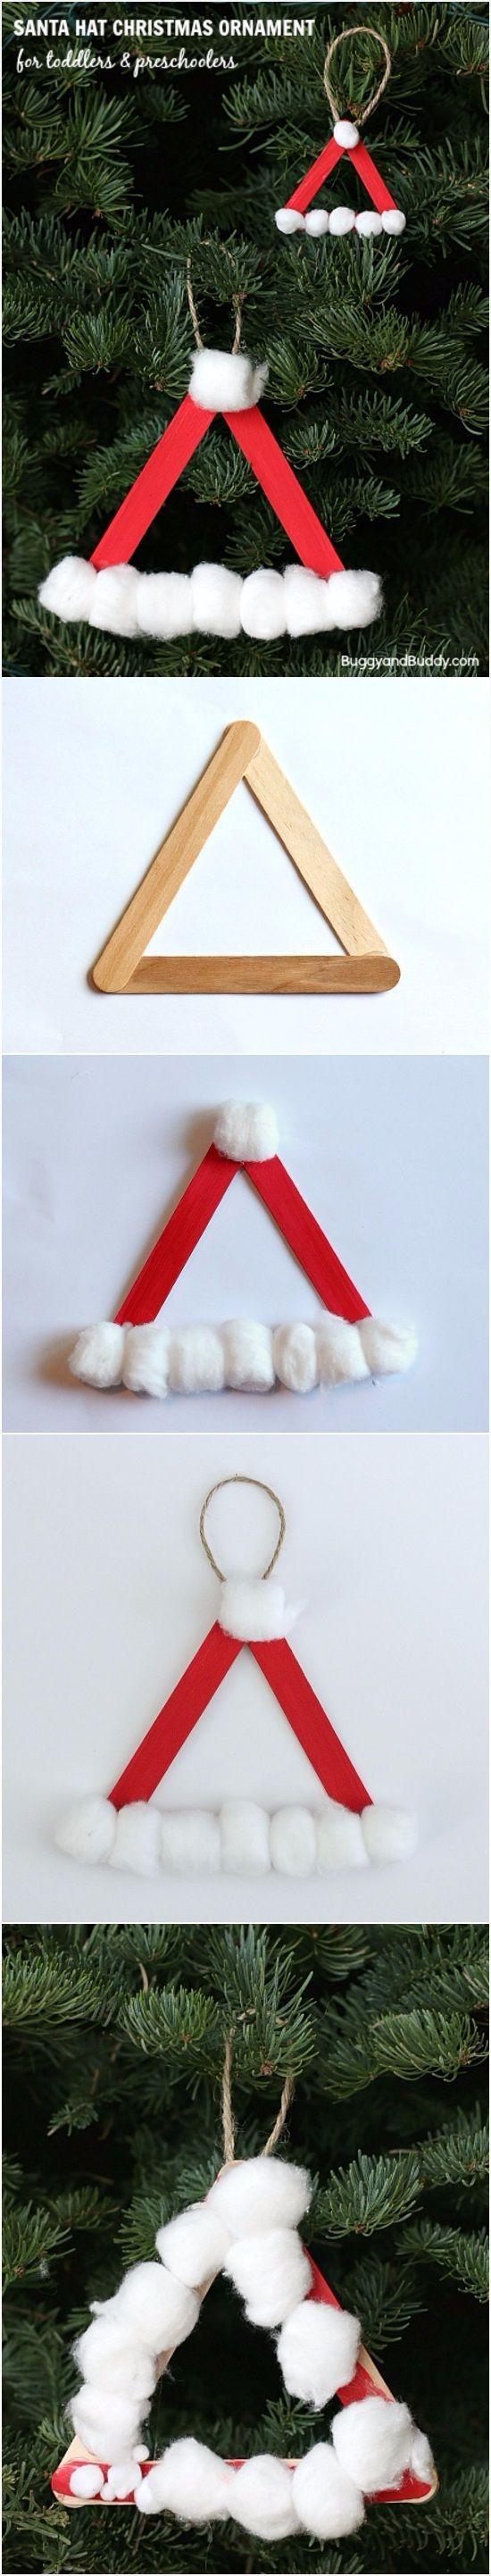 Christmas ornament catalogs - Santa Hat Homemade Christmas Ornament Using Craft Sticks Diyfunidea Com